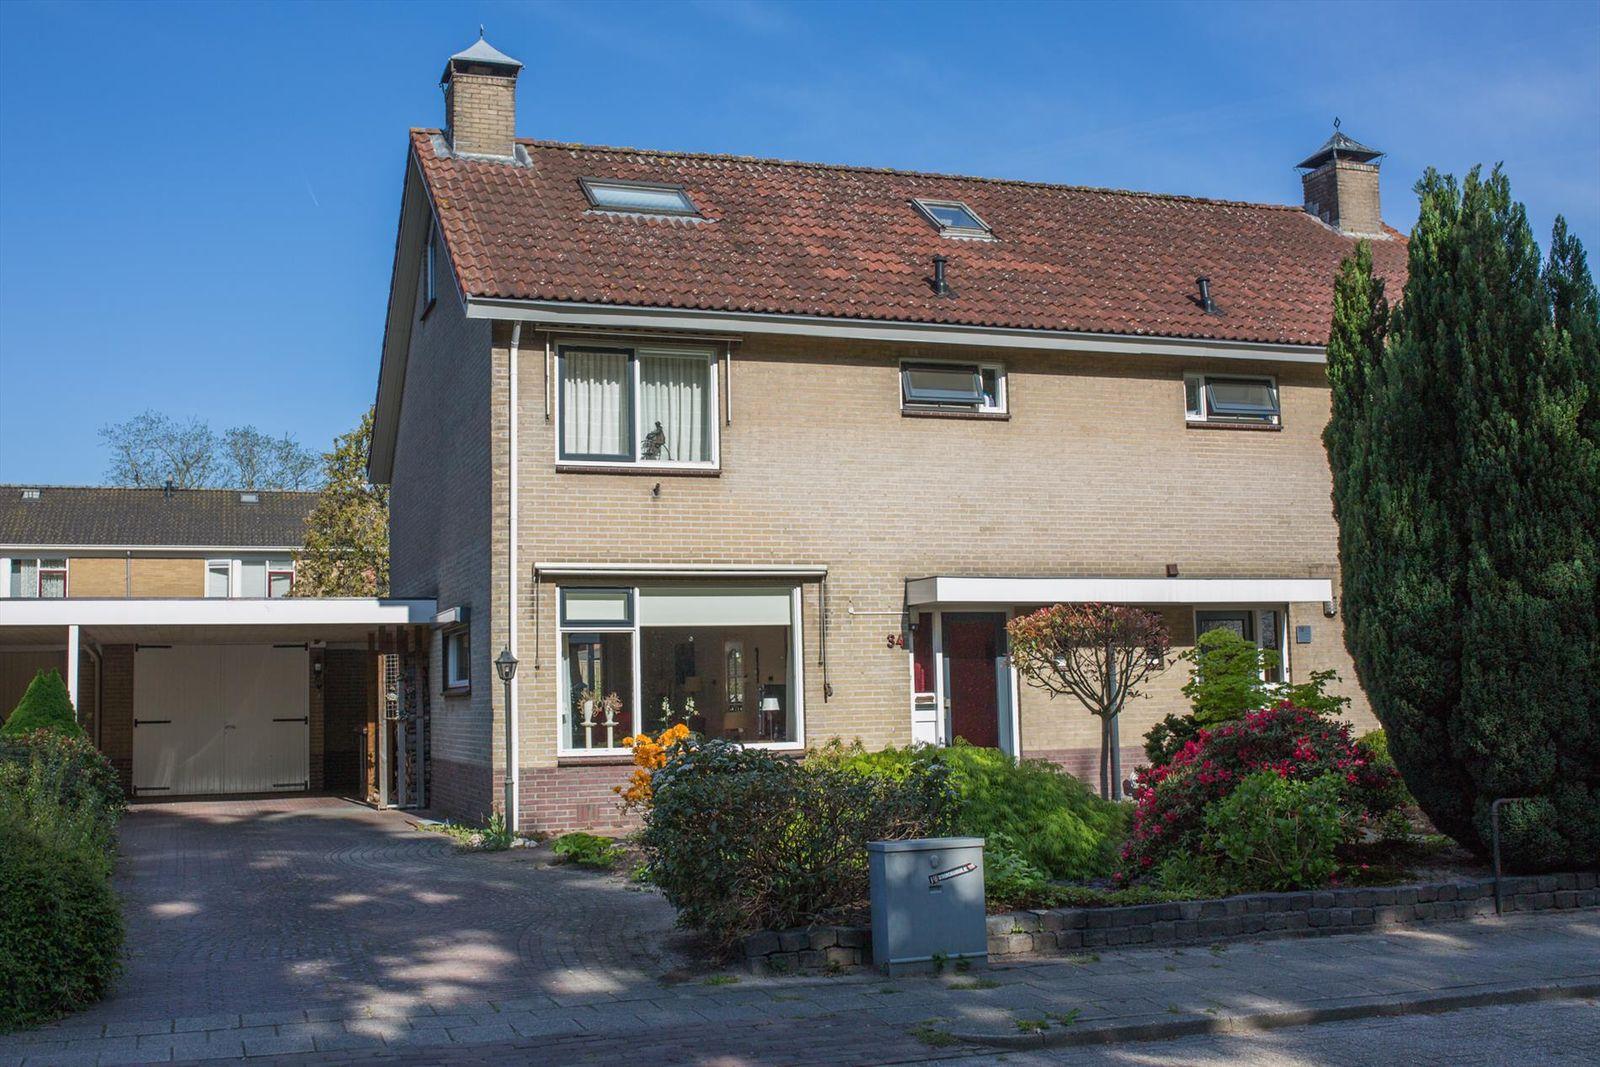 Kasteelstraat 34, Hellendoorn